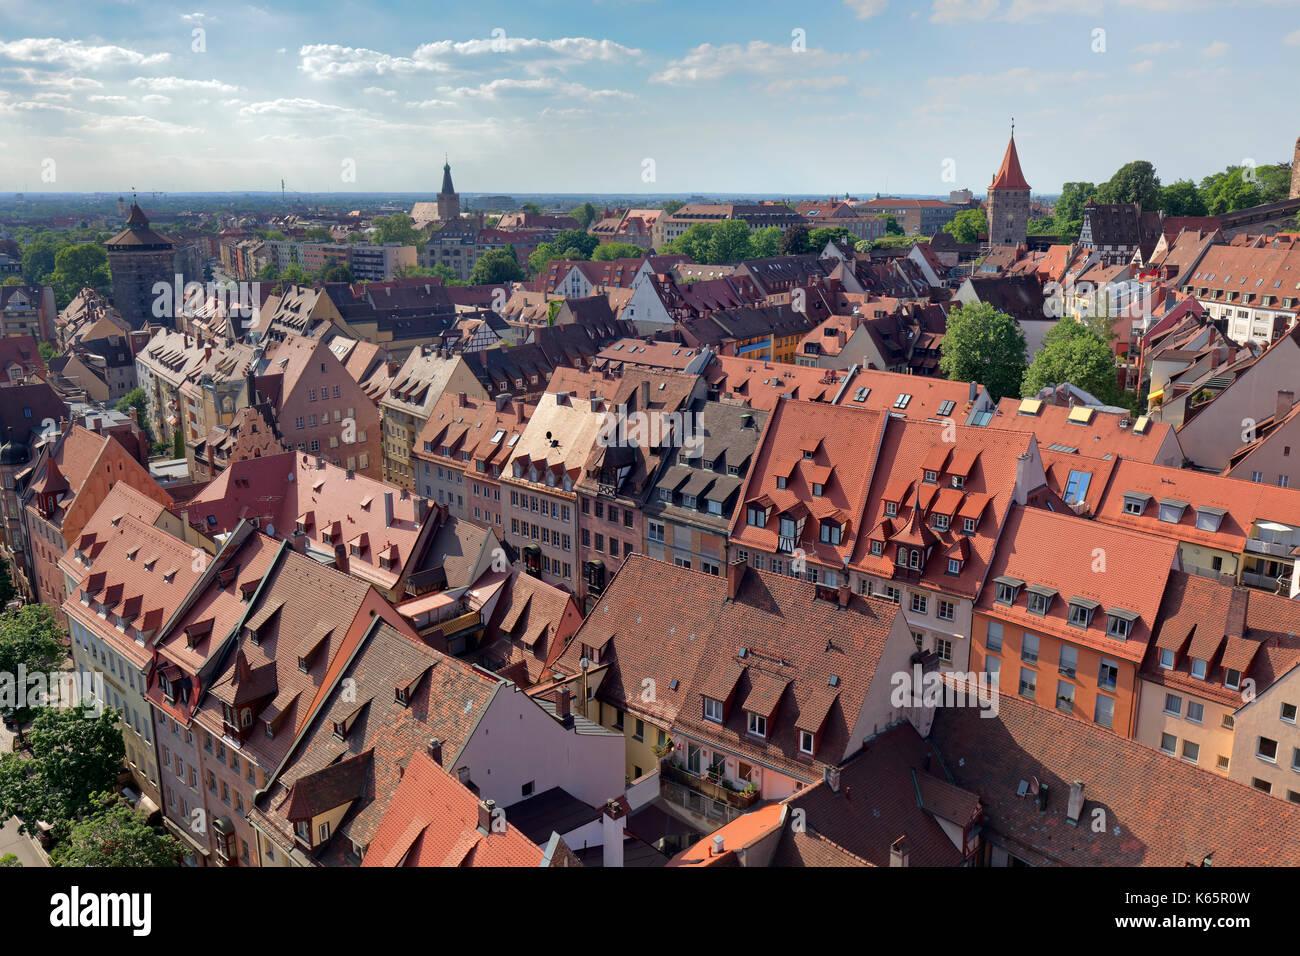 Blick auf die roten Dächer der Sebalder Altstadt, Altstadt, hinter dem Stadtteil Johannis, von links Der Spittlertorturm Stockbild